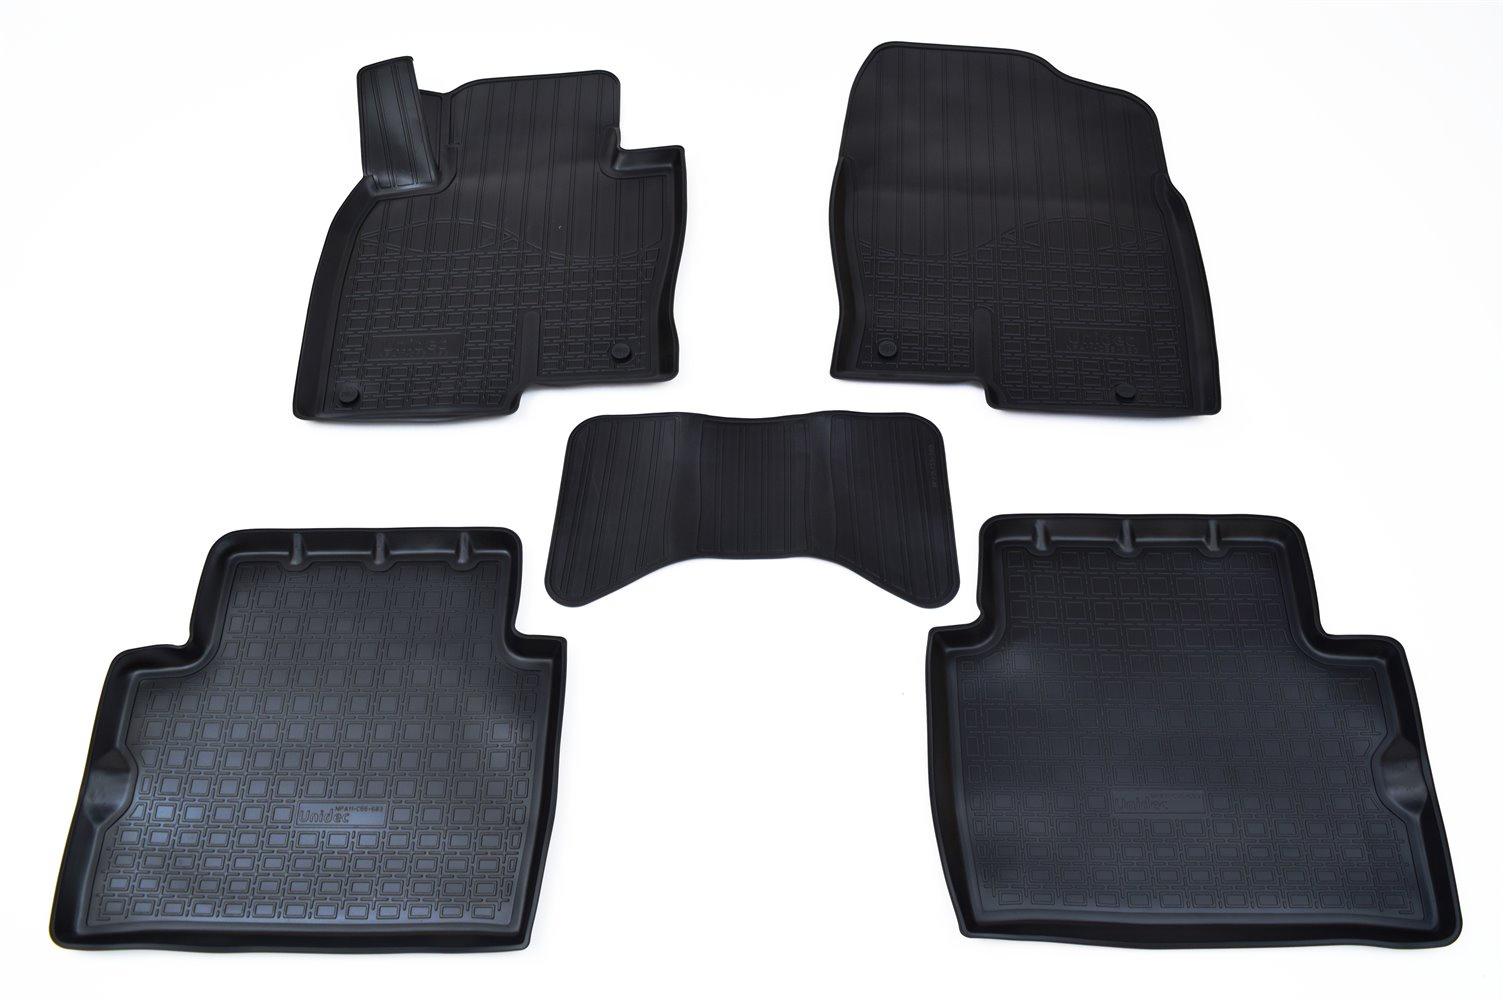 купить Коврики в салон автомобиля Norplast для Mazda CX-5 3D (2017), NPA11-C55-683, черный по цене 1690 рублей